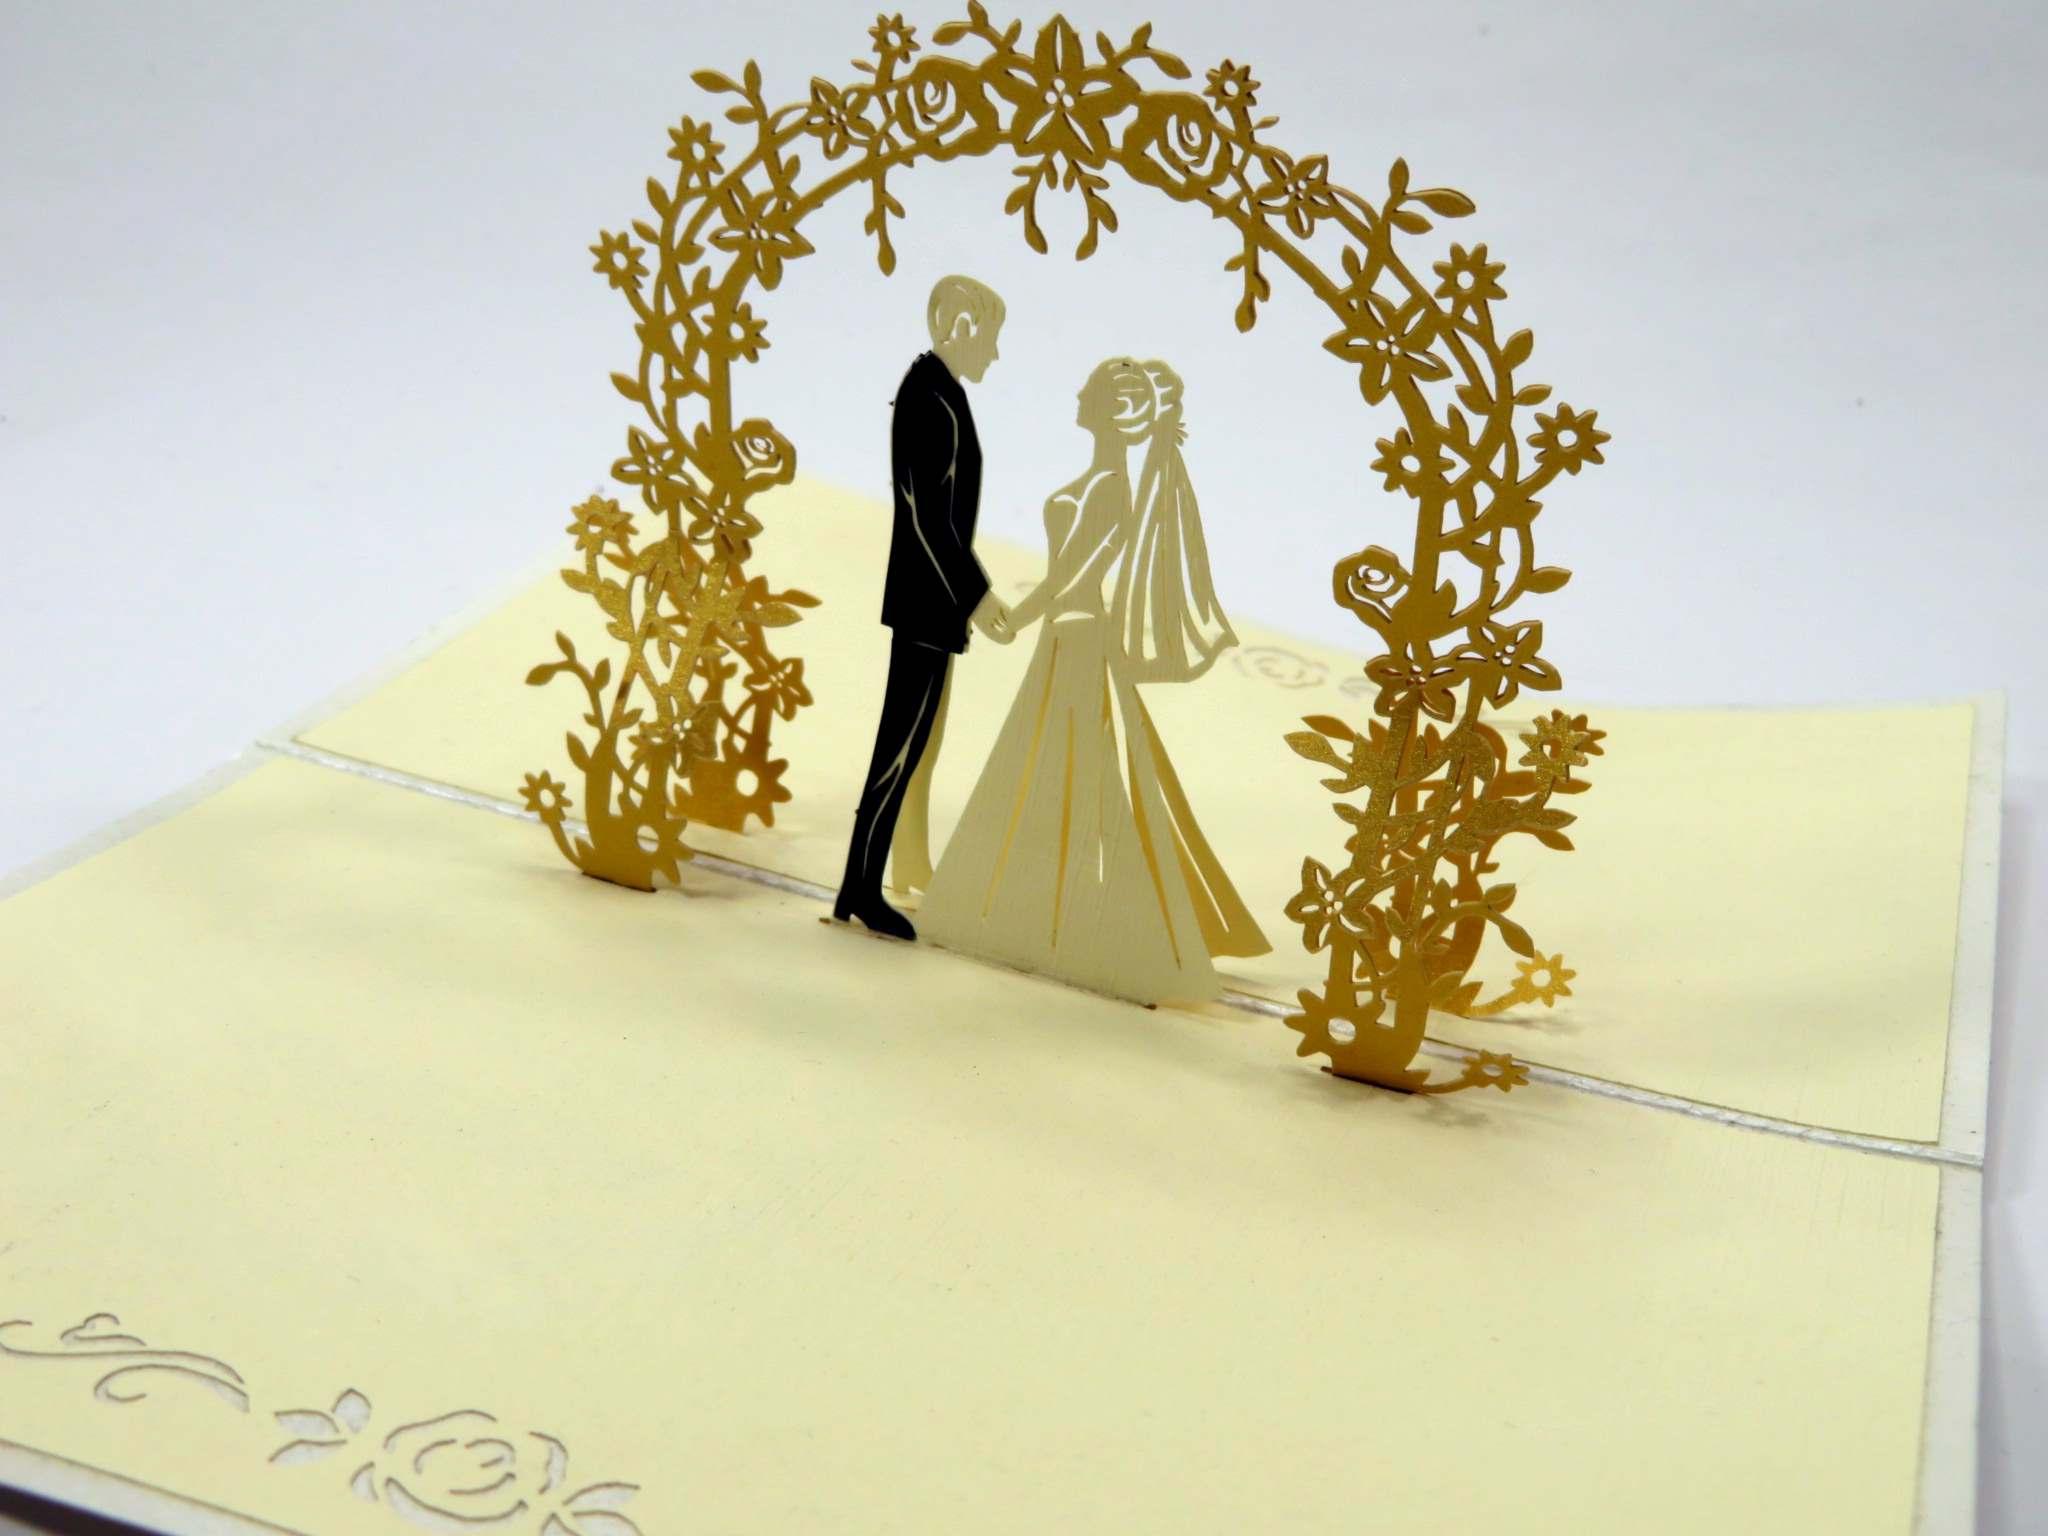 Biglietti augurali 'Arco degli sposi' Origamo